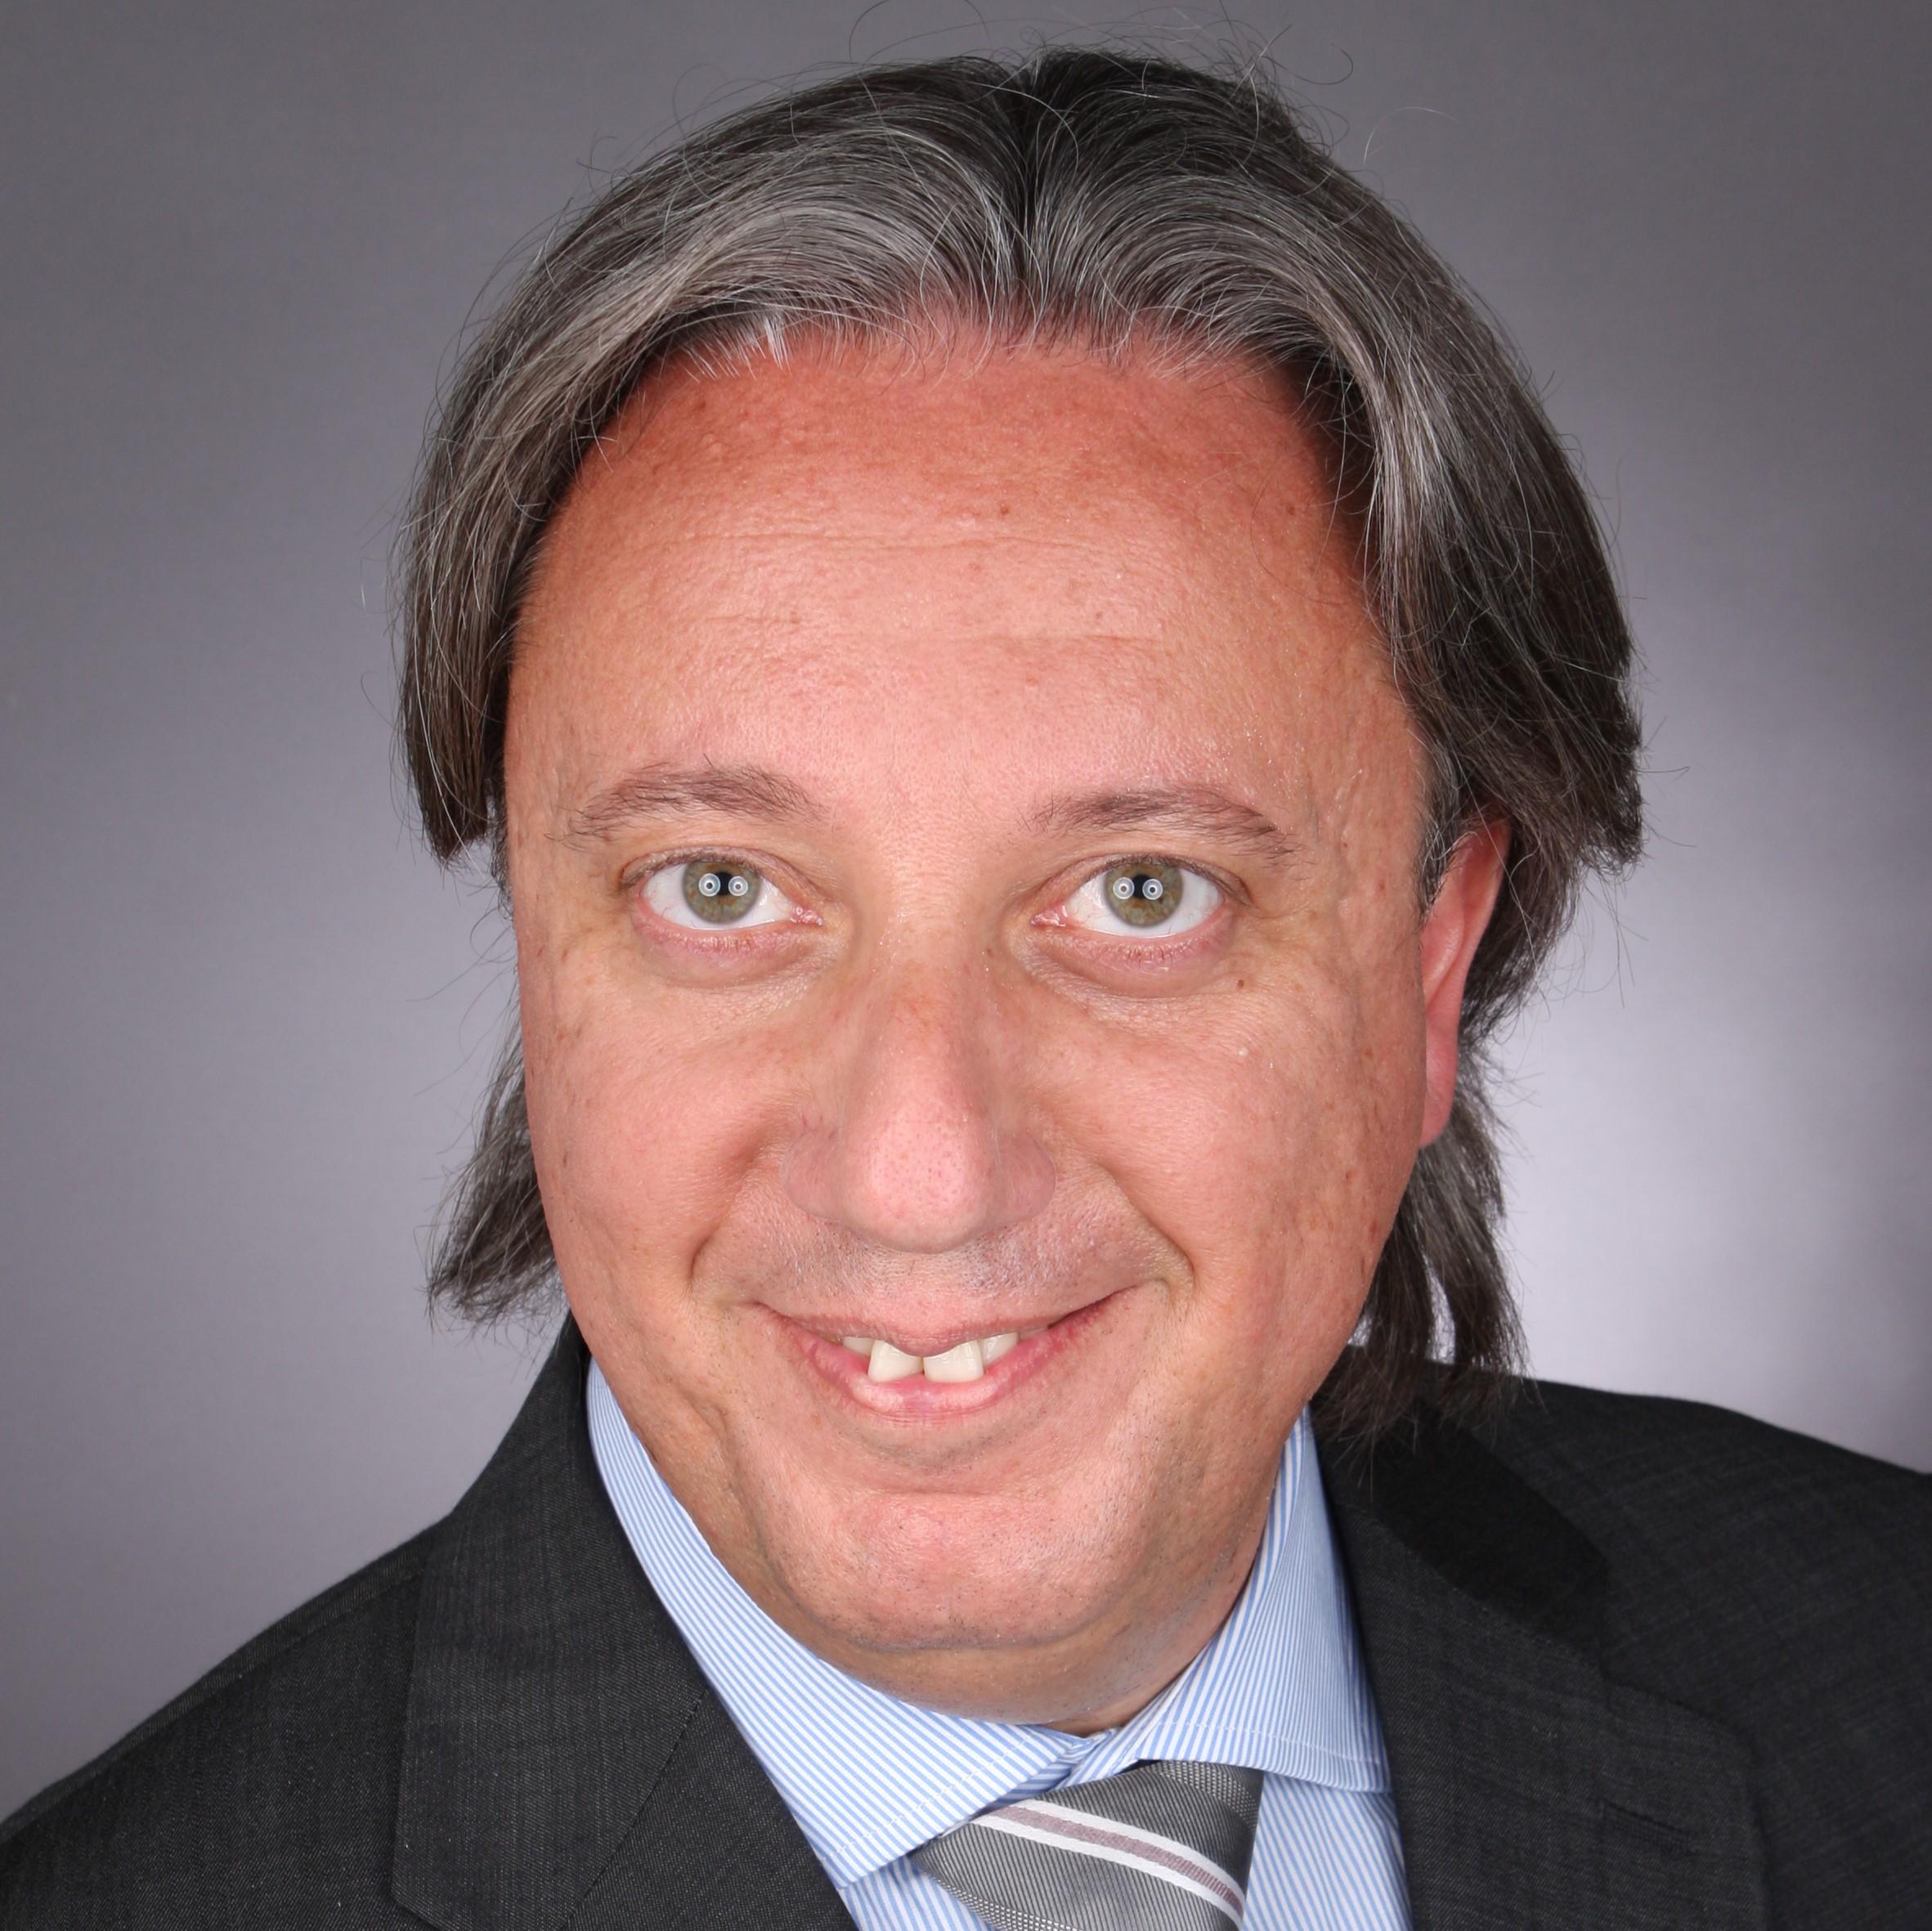 Mauro Adorno